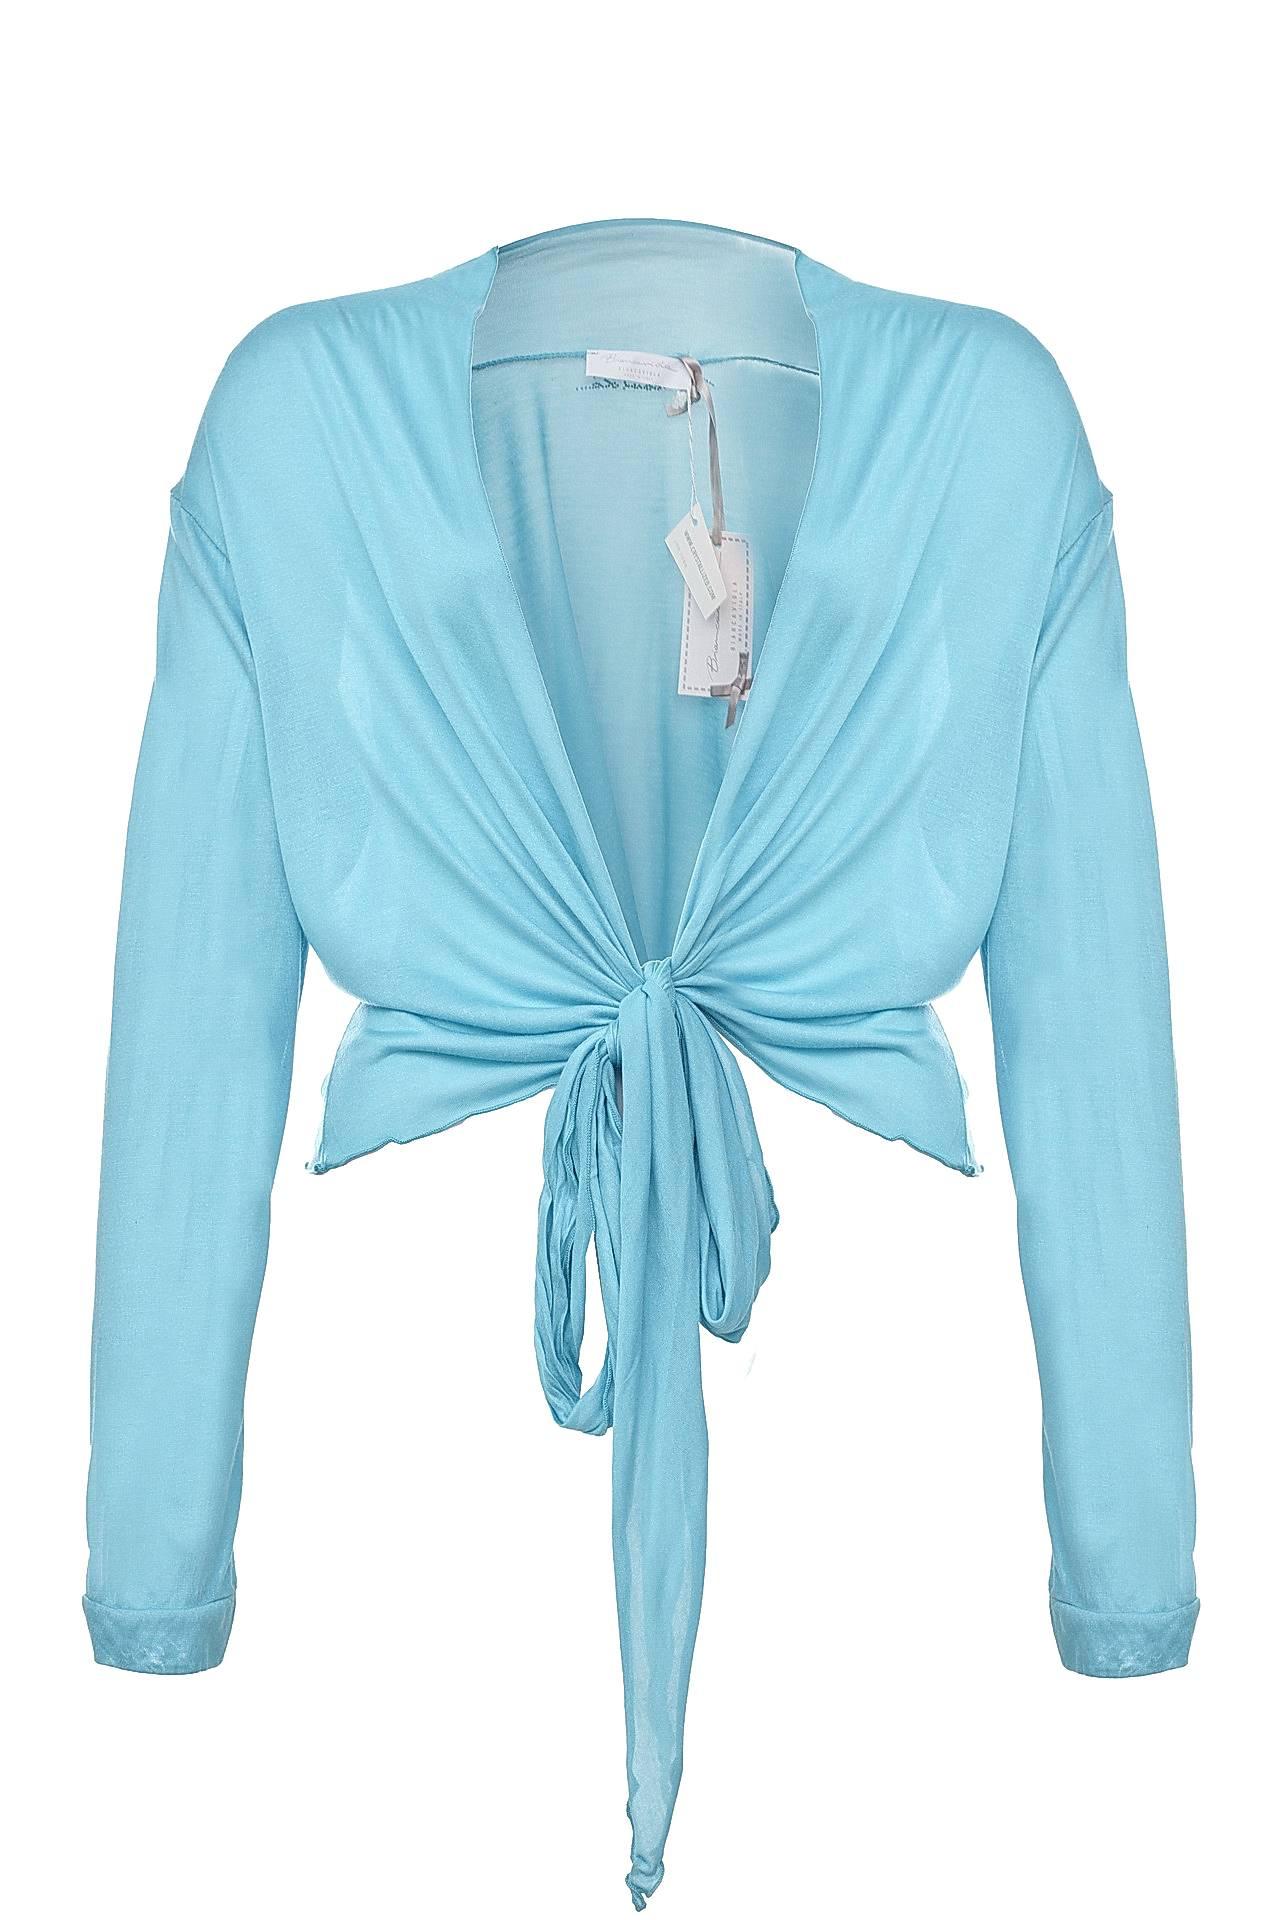 где купить Блузка BIANCA VIOLA дешево